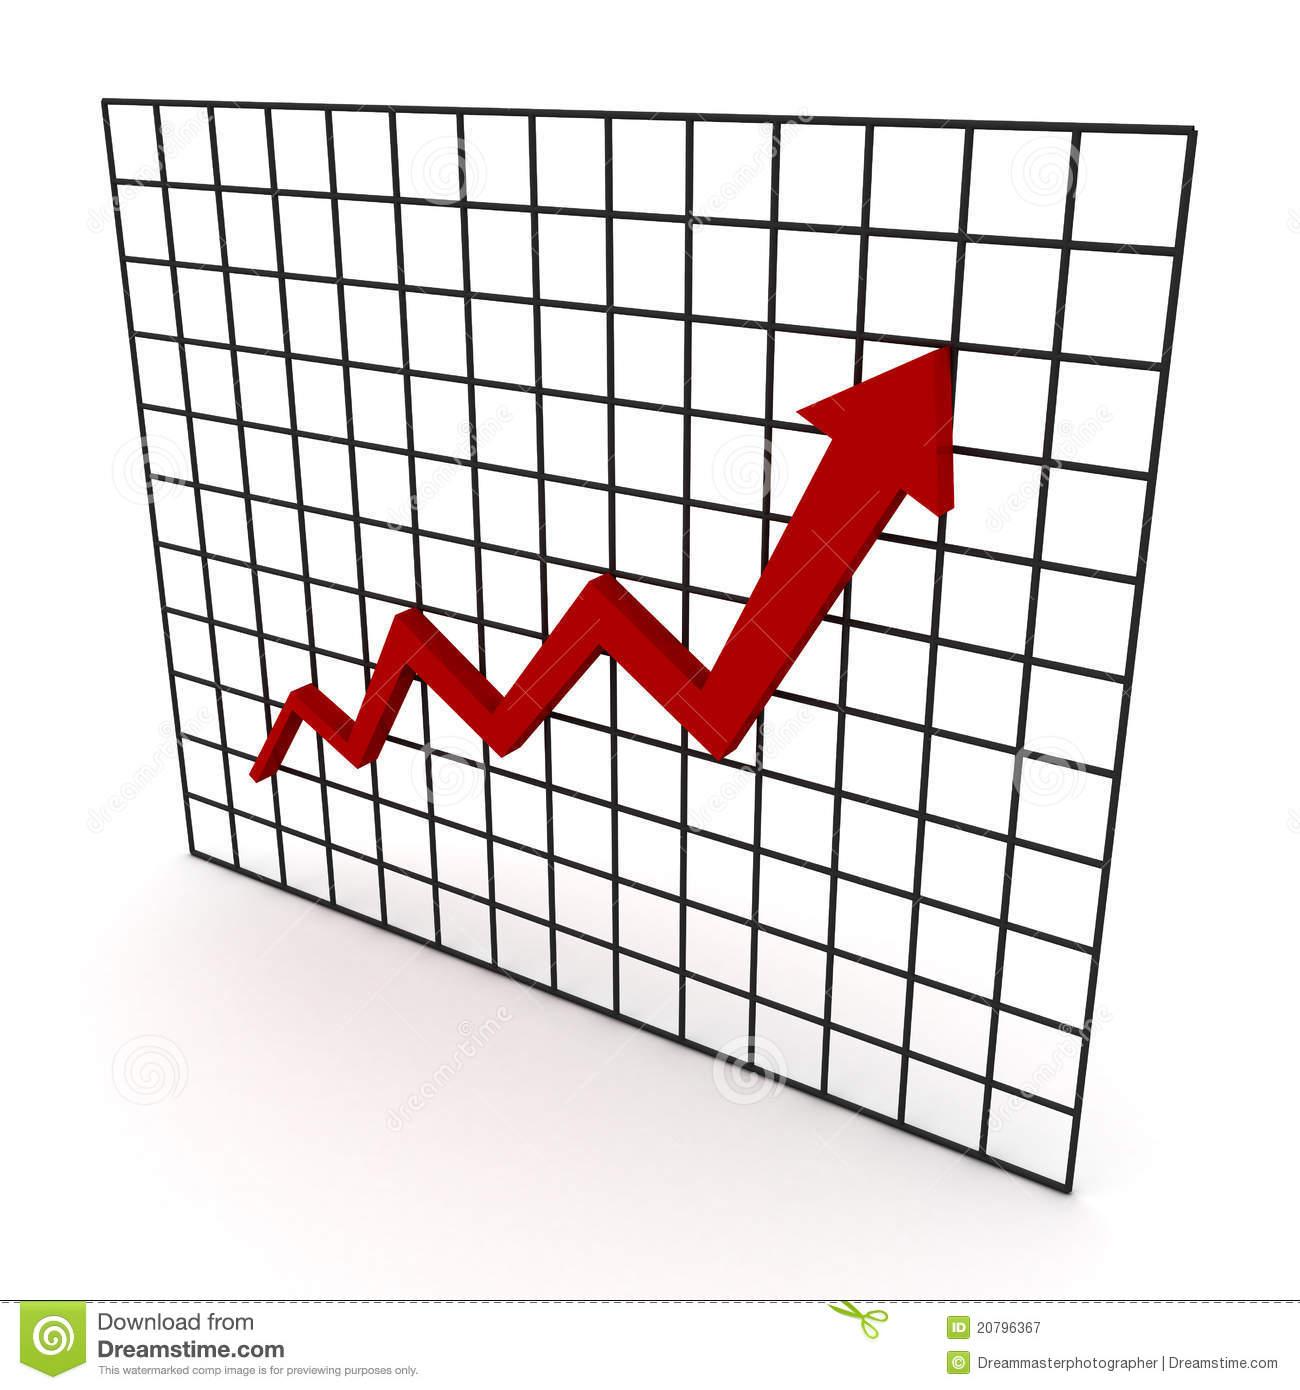 line-graph-clip-art-line-graph-spwYCL-clipart.jpg